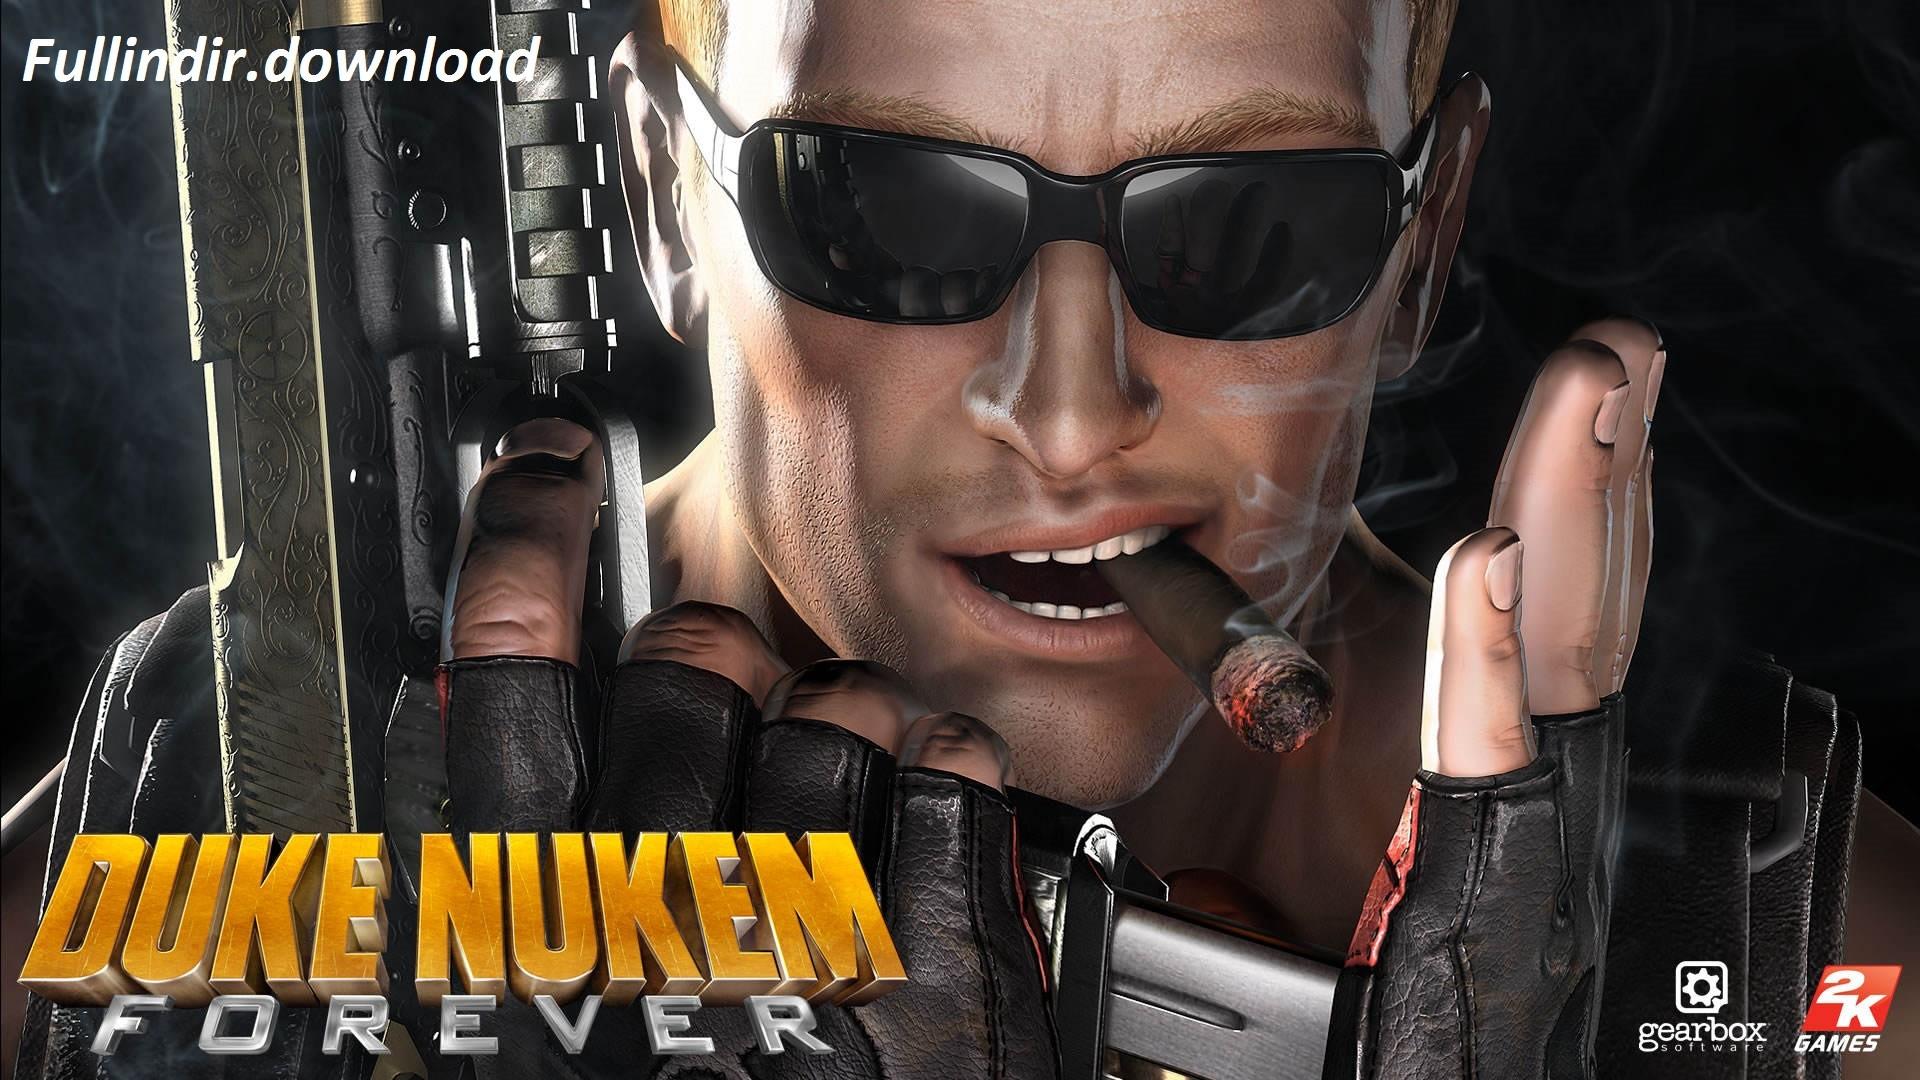 Duke Nukem Forever Complete Full Torrent indir